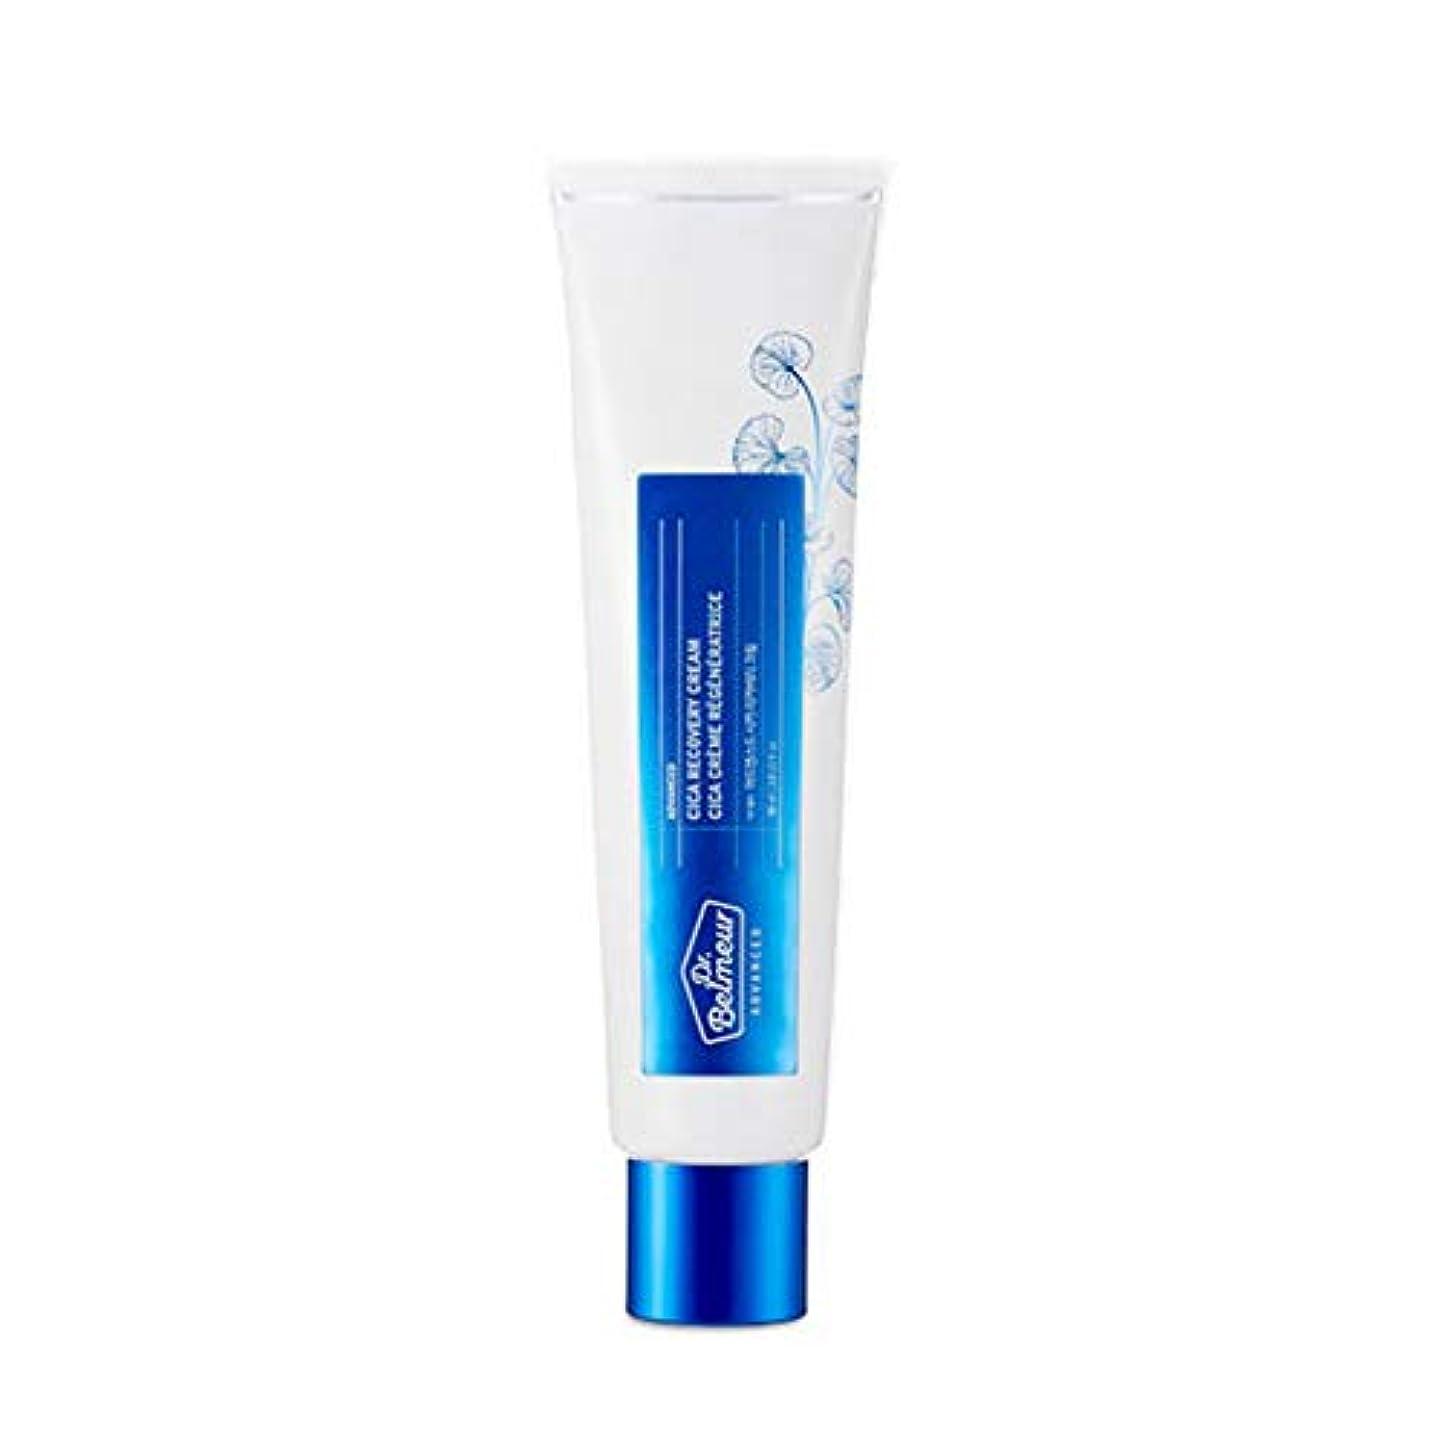 特権的鉄繁栄ザ?フェイスショップドクターベルモアドバンスドシカリカバリークリーム60ml 韓国コスメ、The Face Shop Dr.Belmeur Advanced Cica Recovery Cream 60ml Korean...